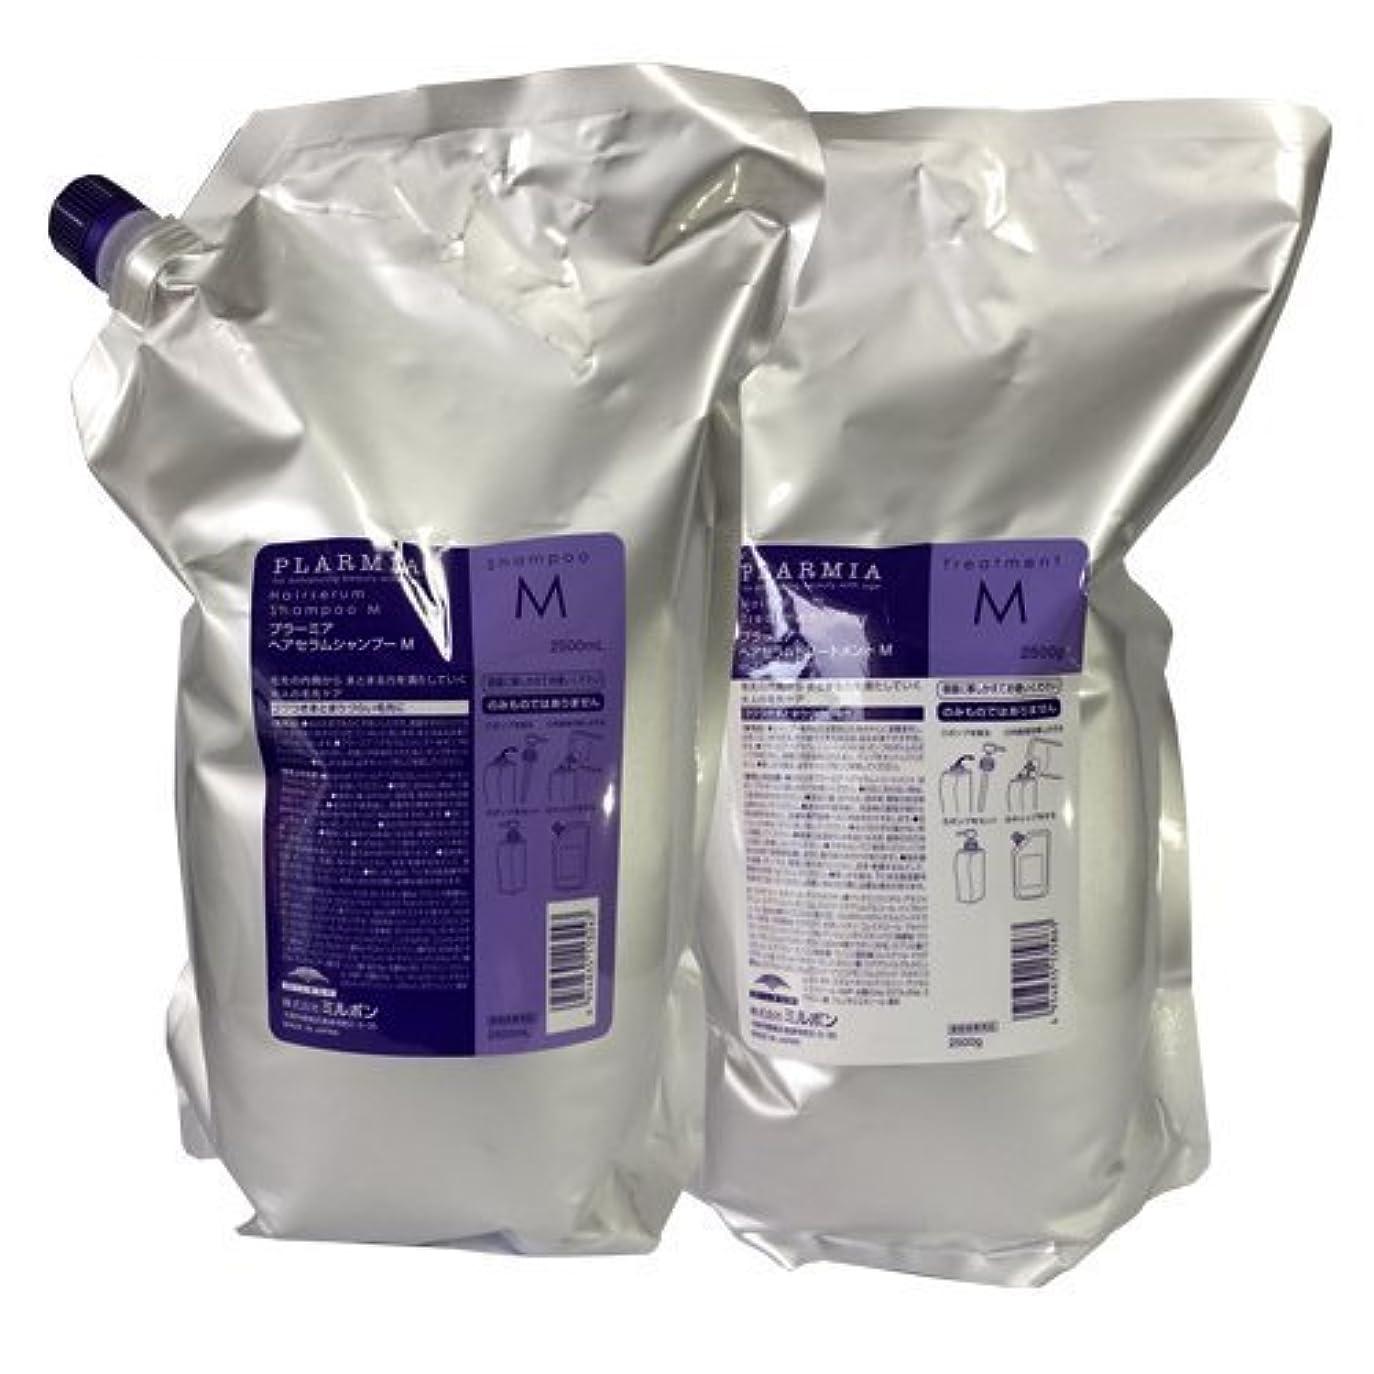 ハイライト性格水を飲むミルボン プラーミア ヘアセラム シャンプー M 2500ml トリートメント M 2500g 詰替えセット